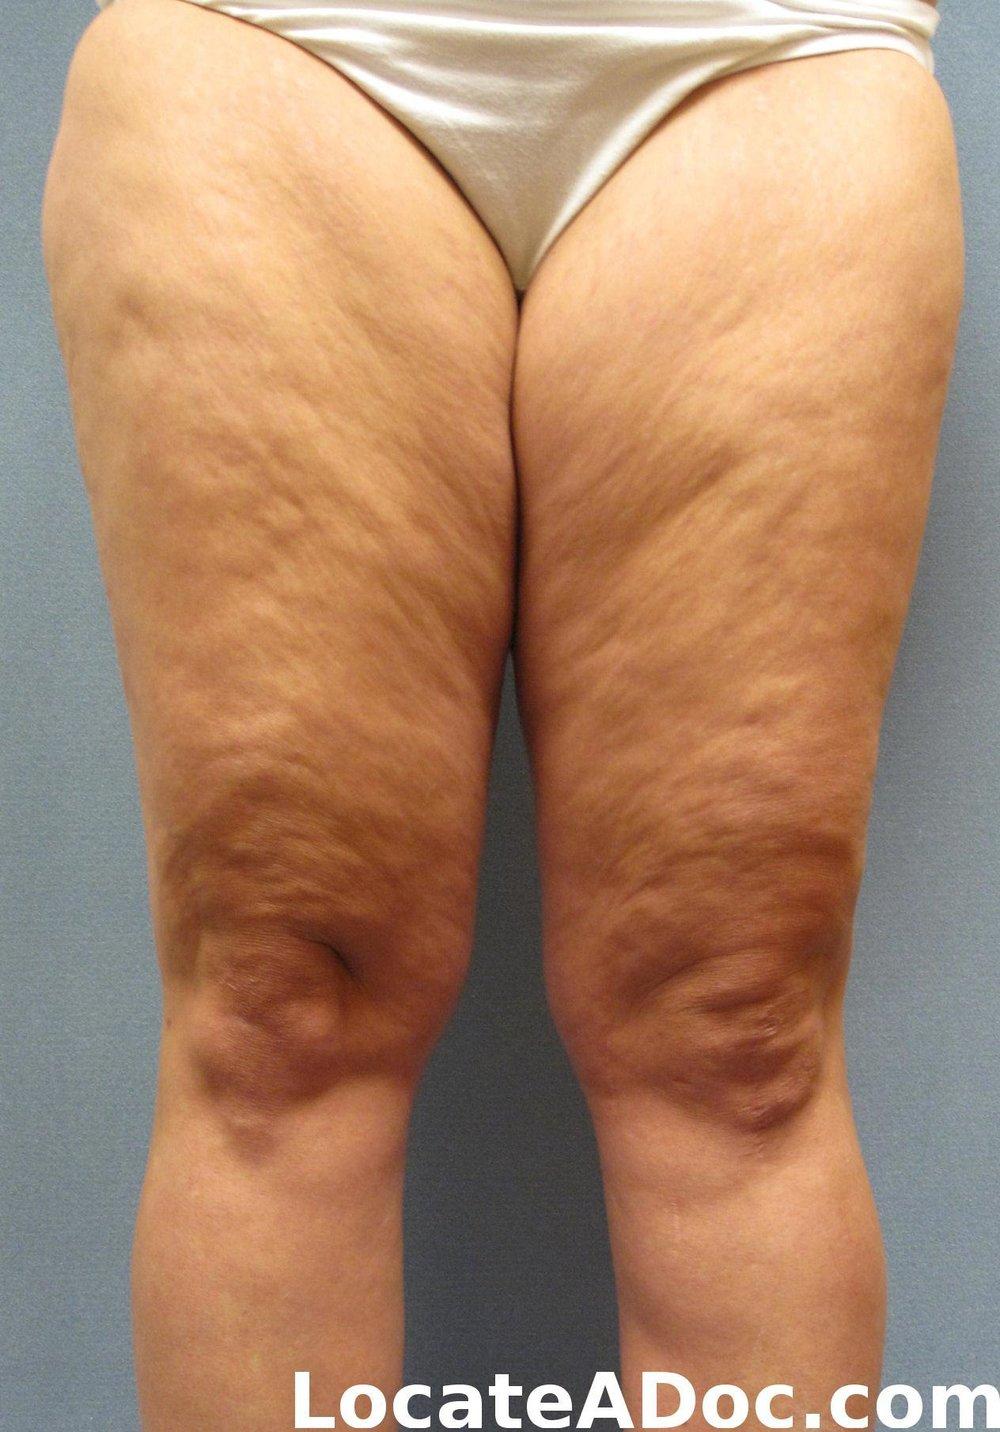 Cellulite type 3 -